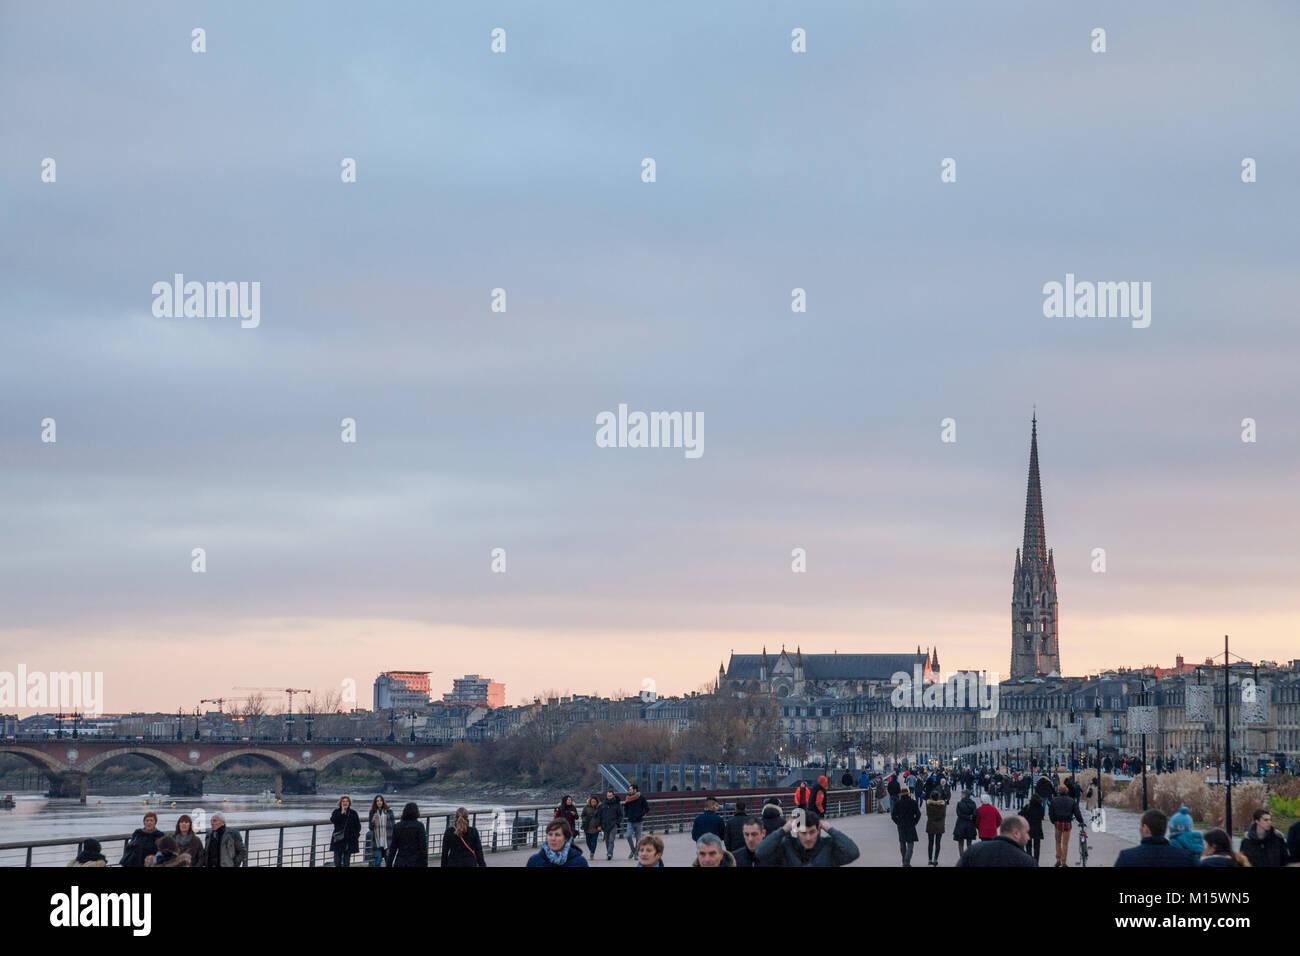 BORDEAUX, FRANCE - DECEMBER 24, 2017: Garonne Quays (Quais de la Garonne) at dusk with a crowd passing by. Saint - Stock Image